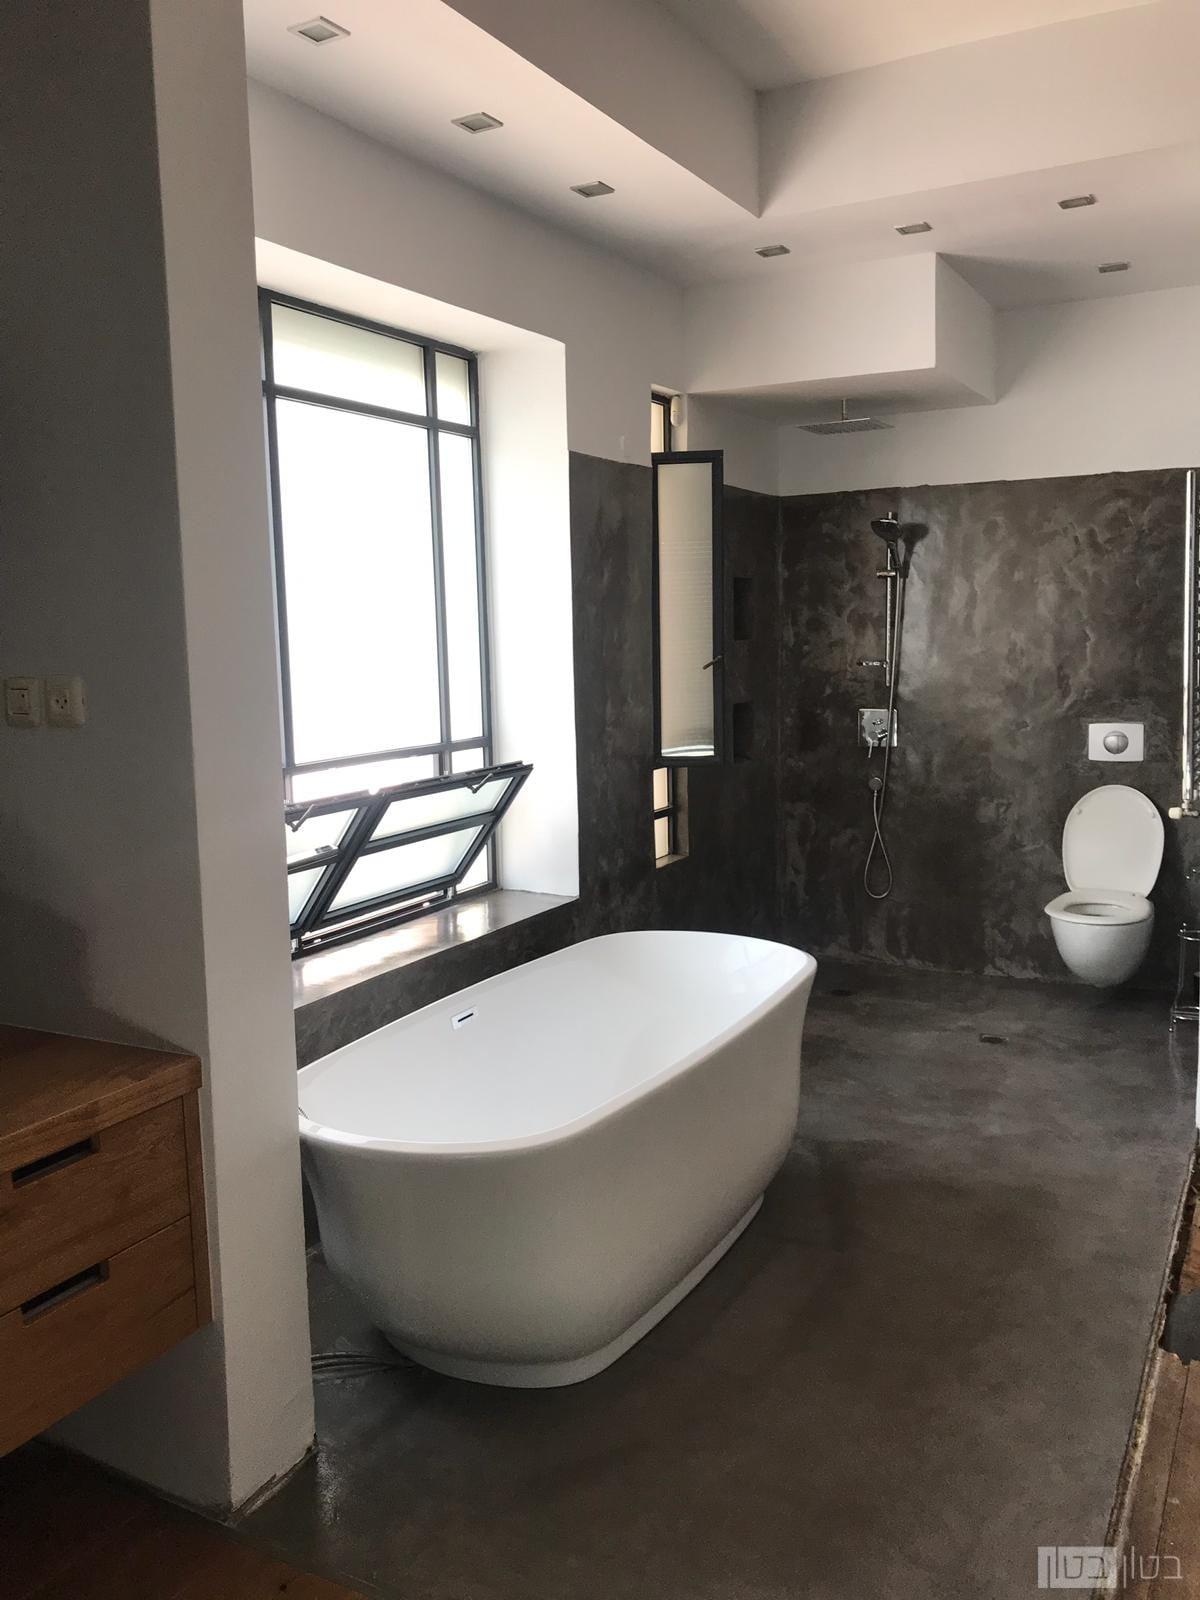 מיקרוטופינג רצפה וקיר אמבטיה